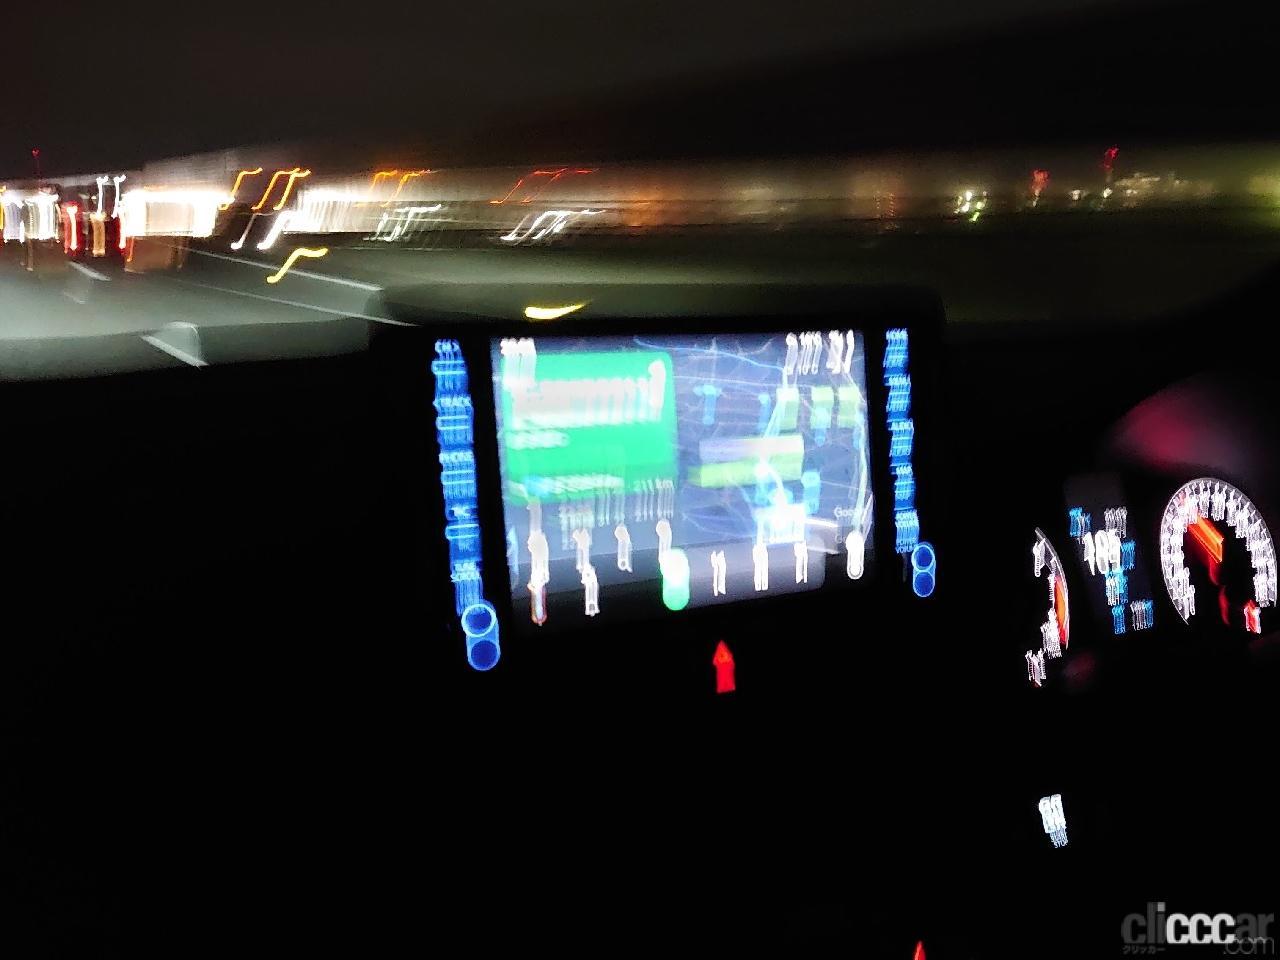 「日本の高速道路はたった4つ? 高速道路と自動車専用道路は違っていた!」の8枚目の画像